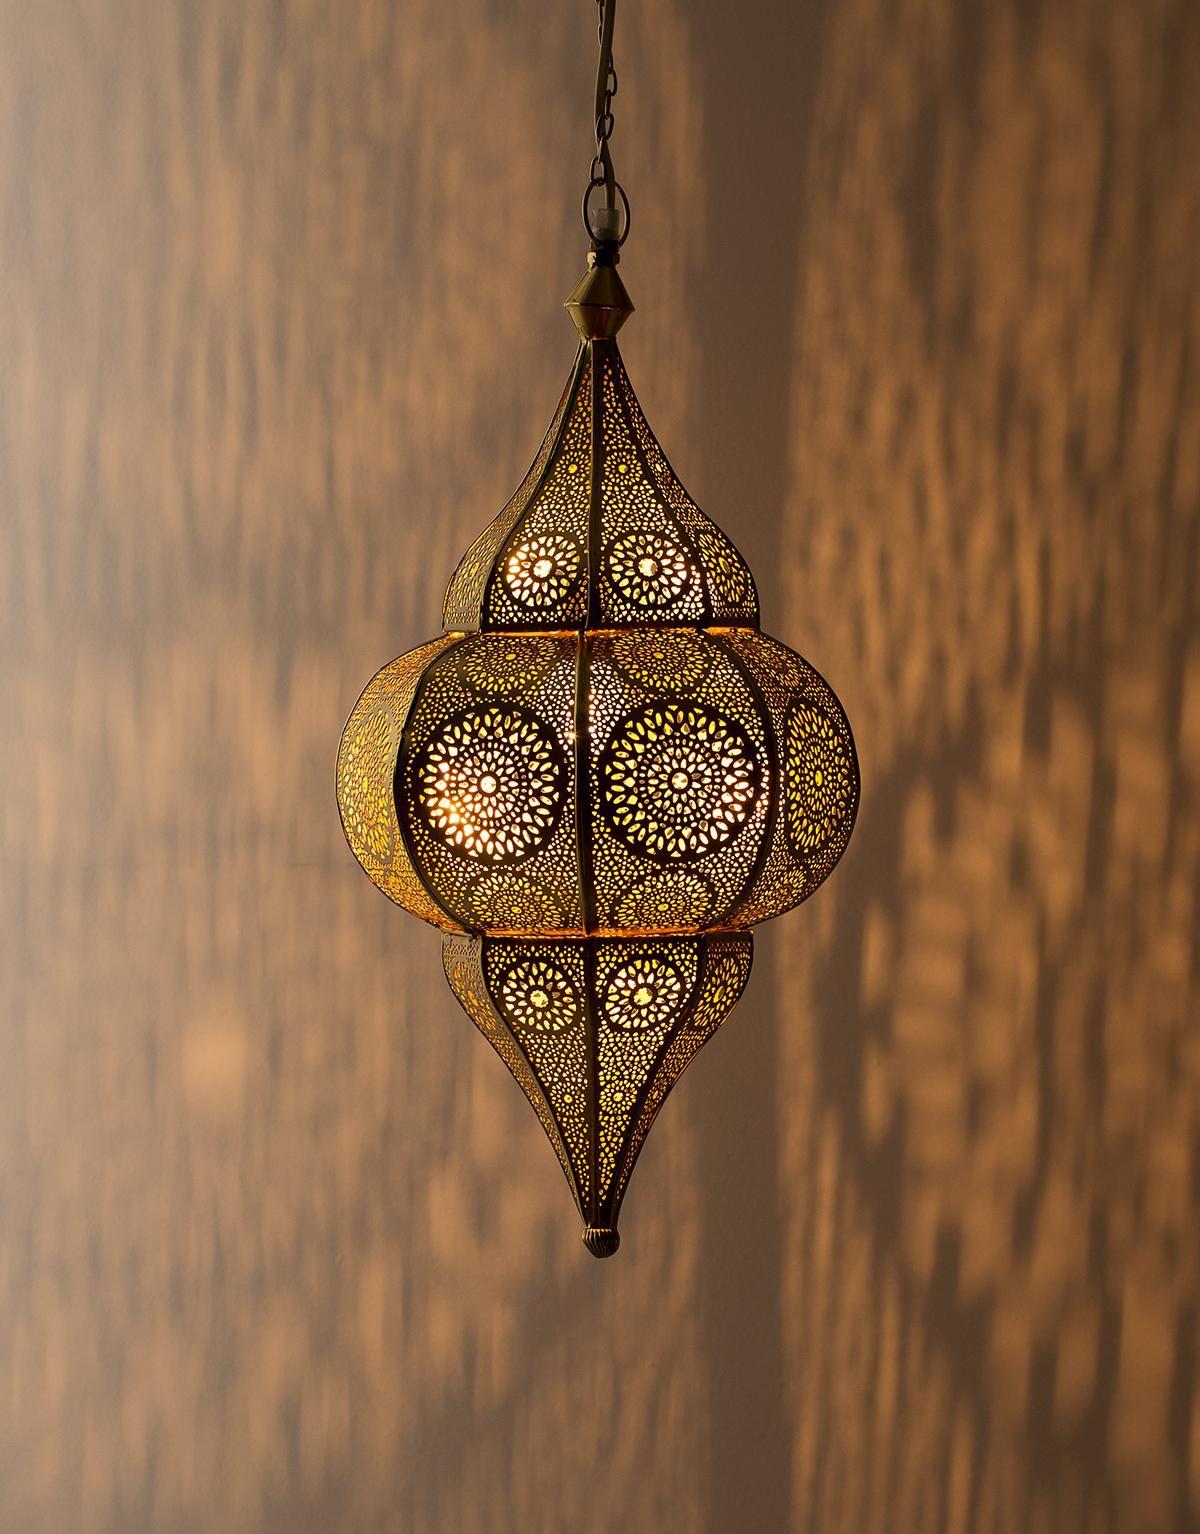 TAJ LAMP lampa mässing | Lampor, Mässing, Inredning